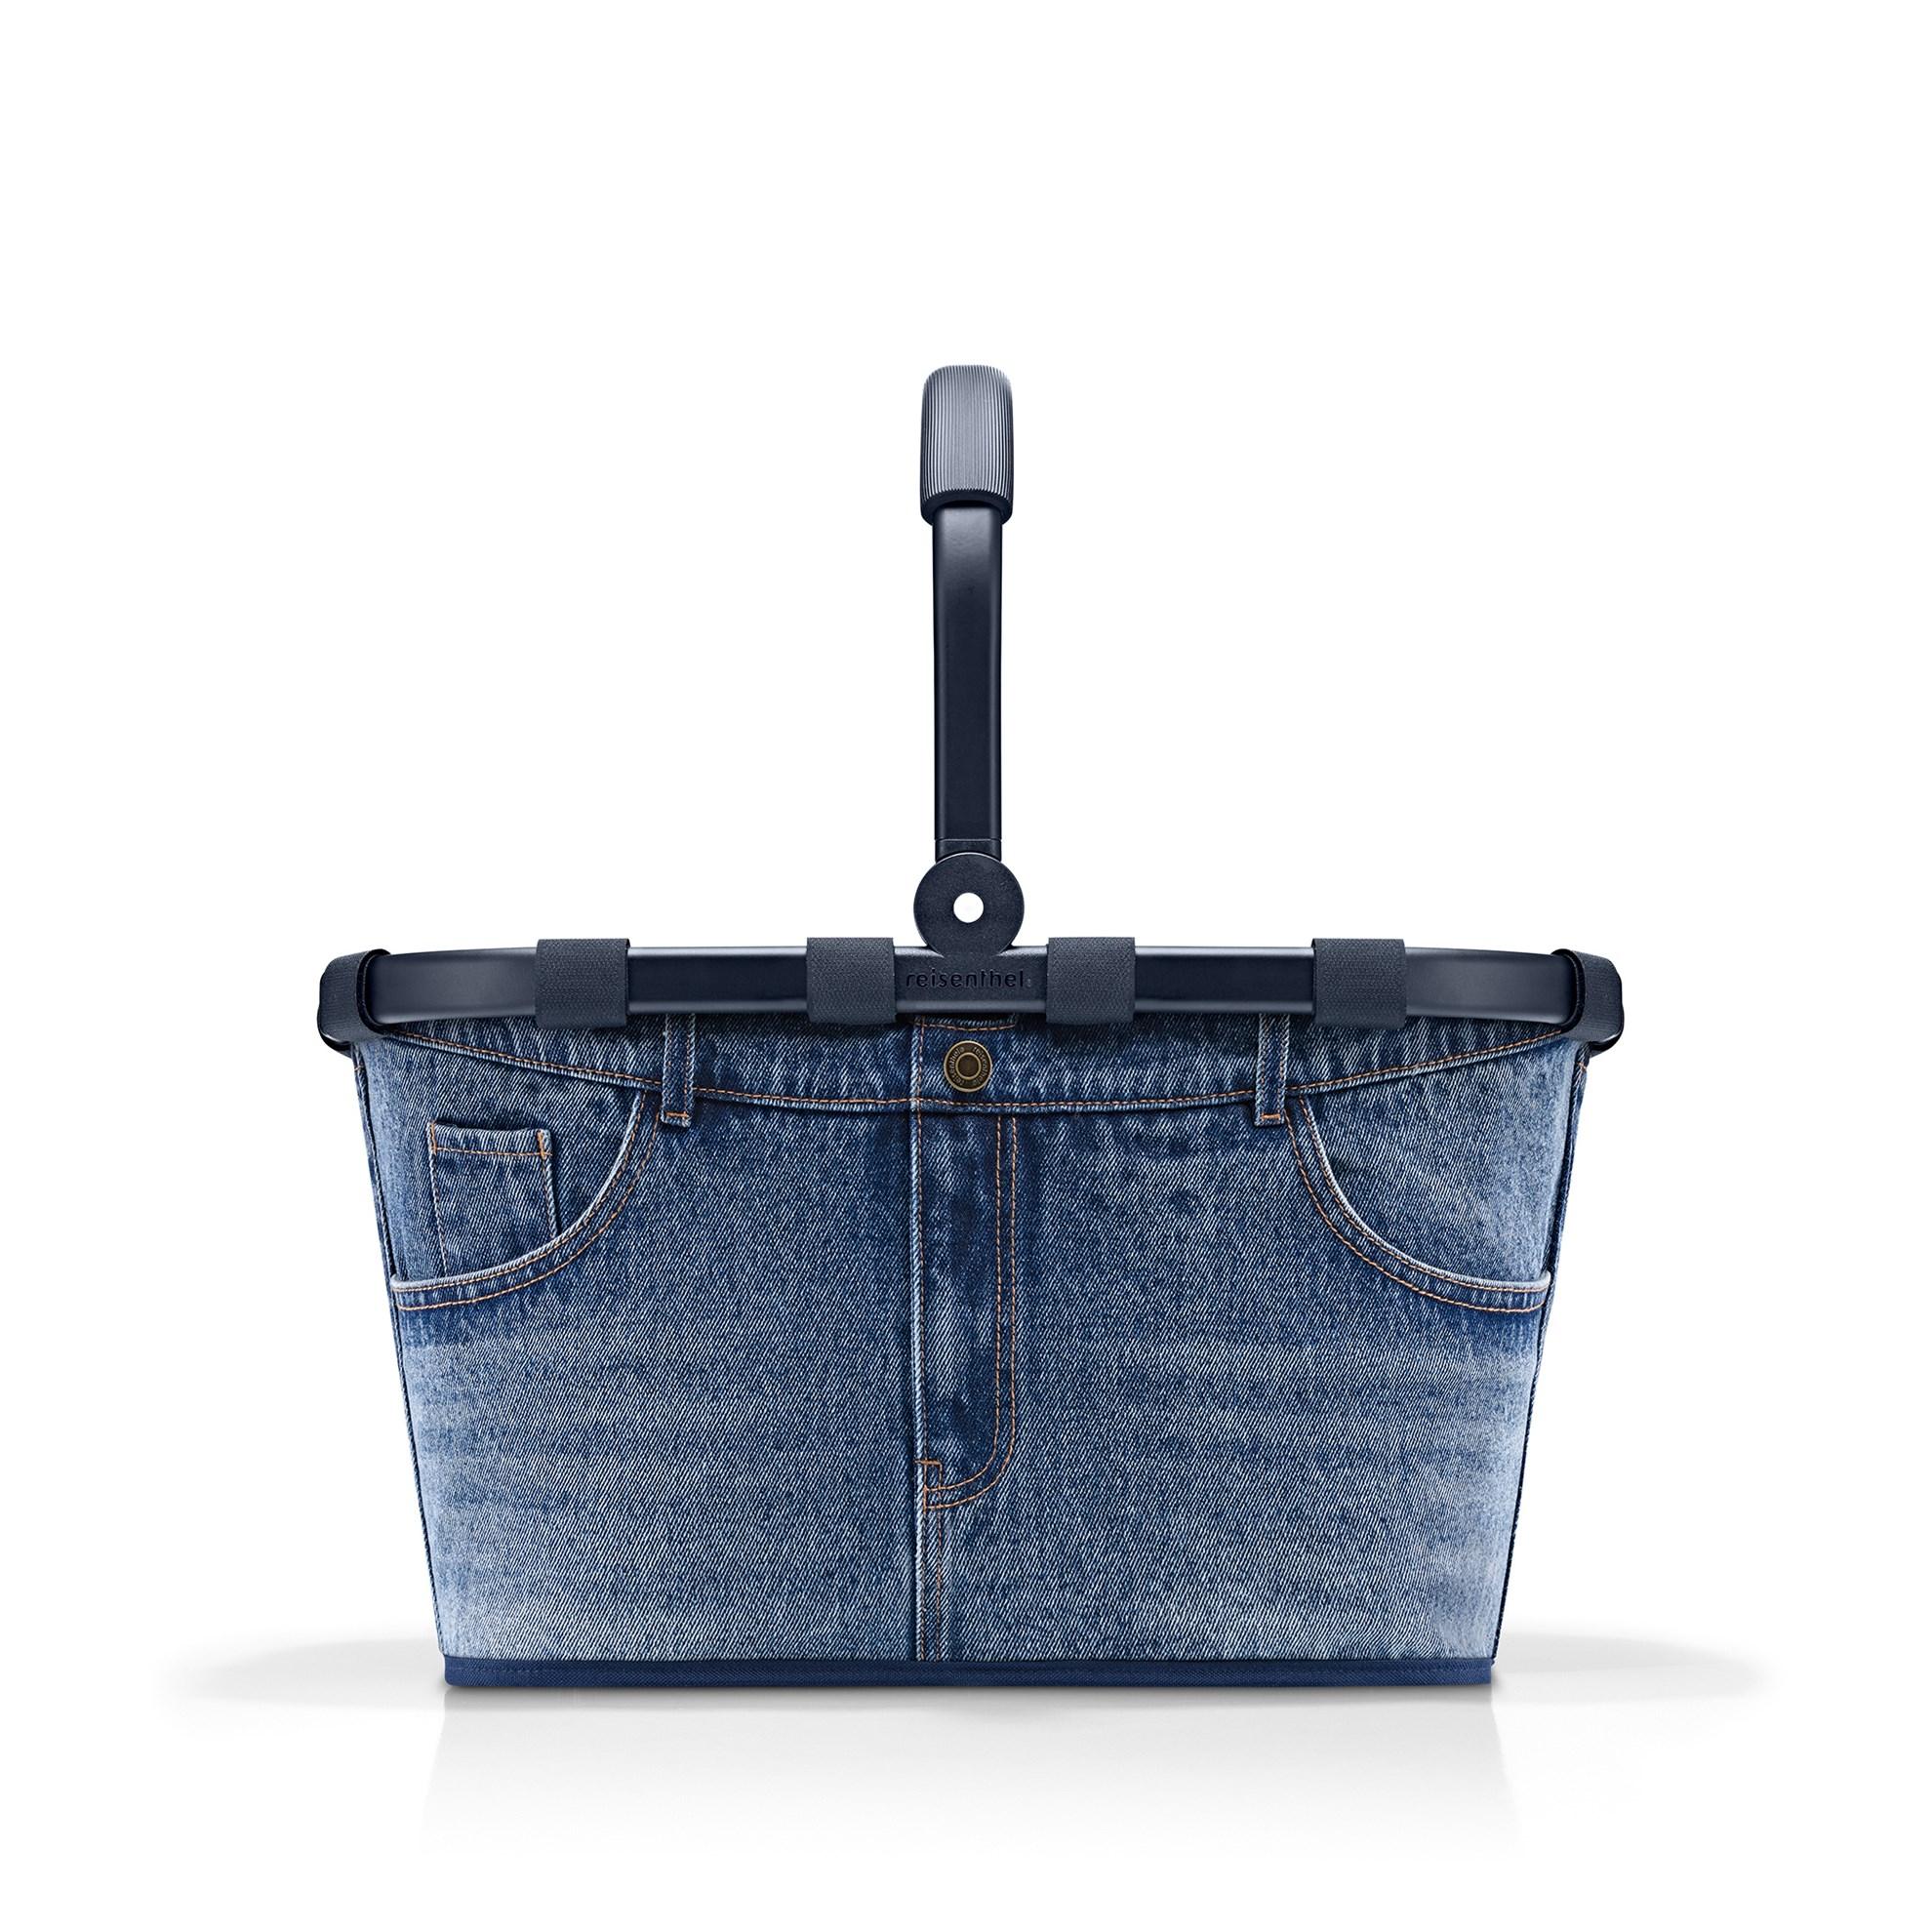 Nákupní košík Carrybag frame jeans classic blue_0